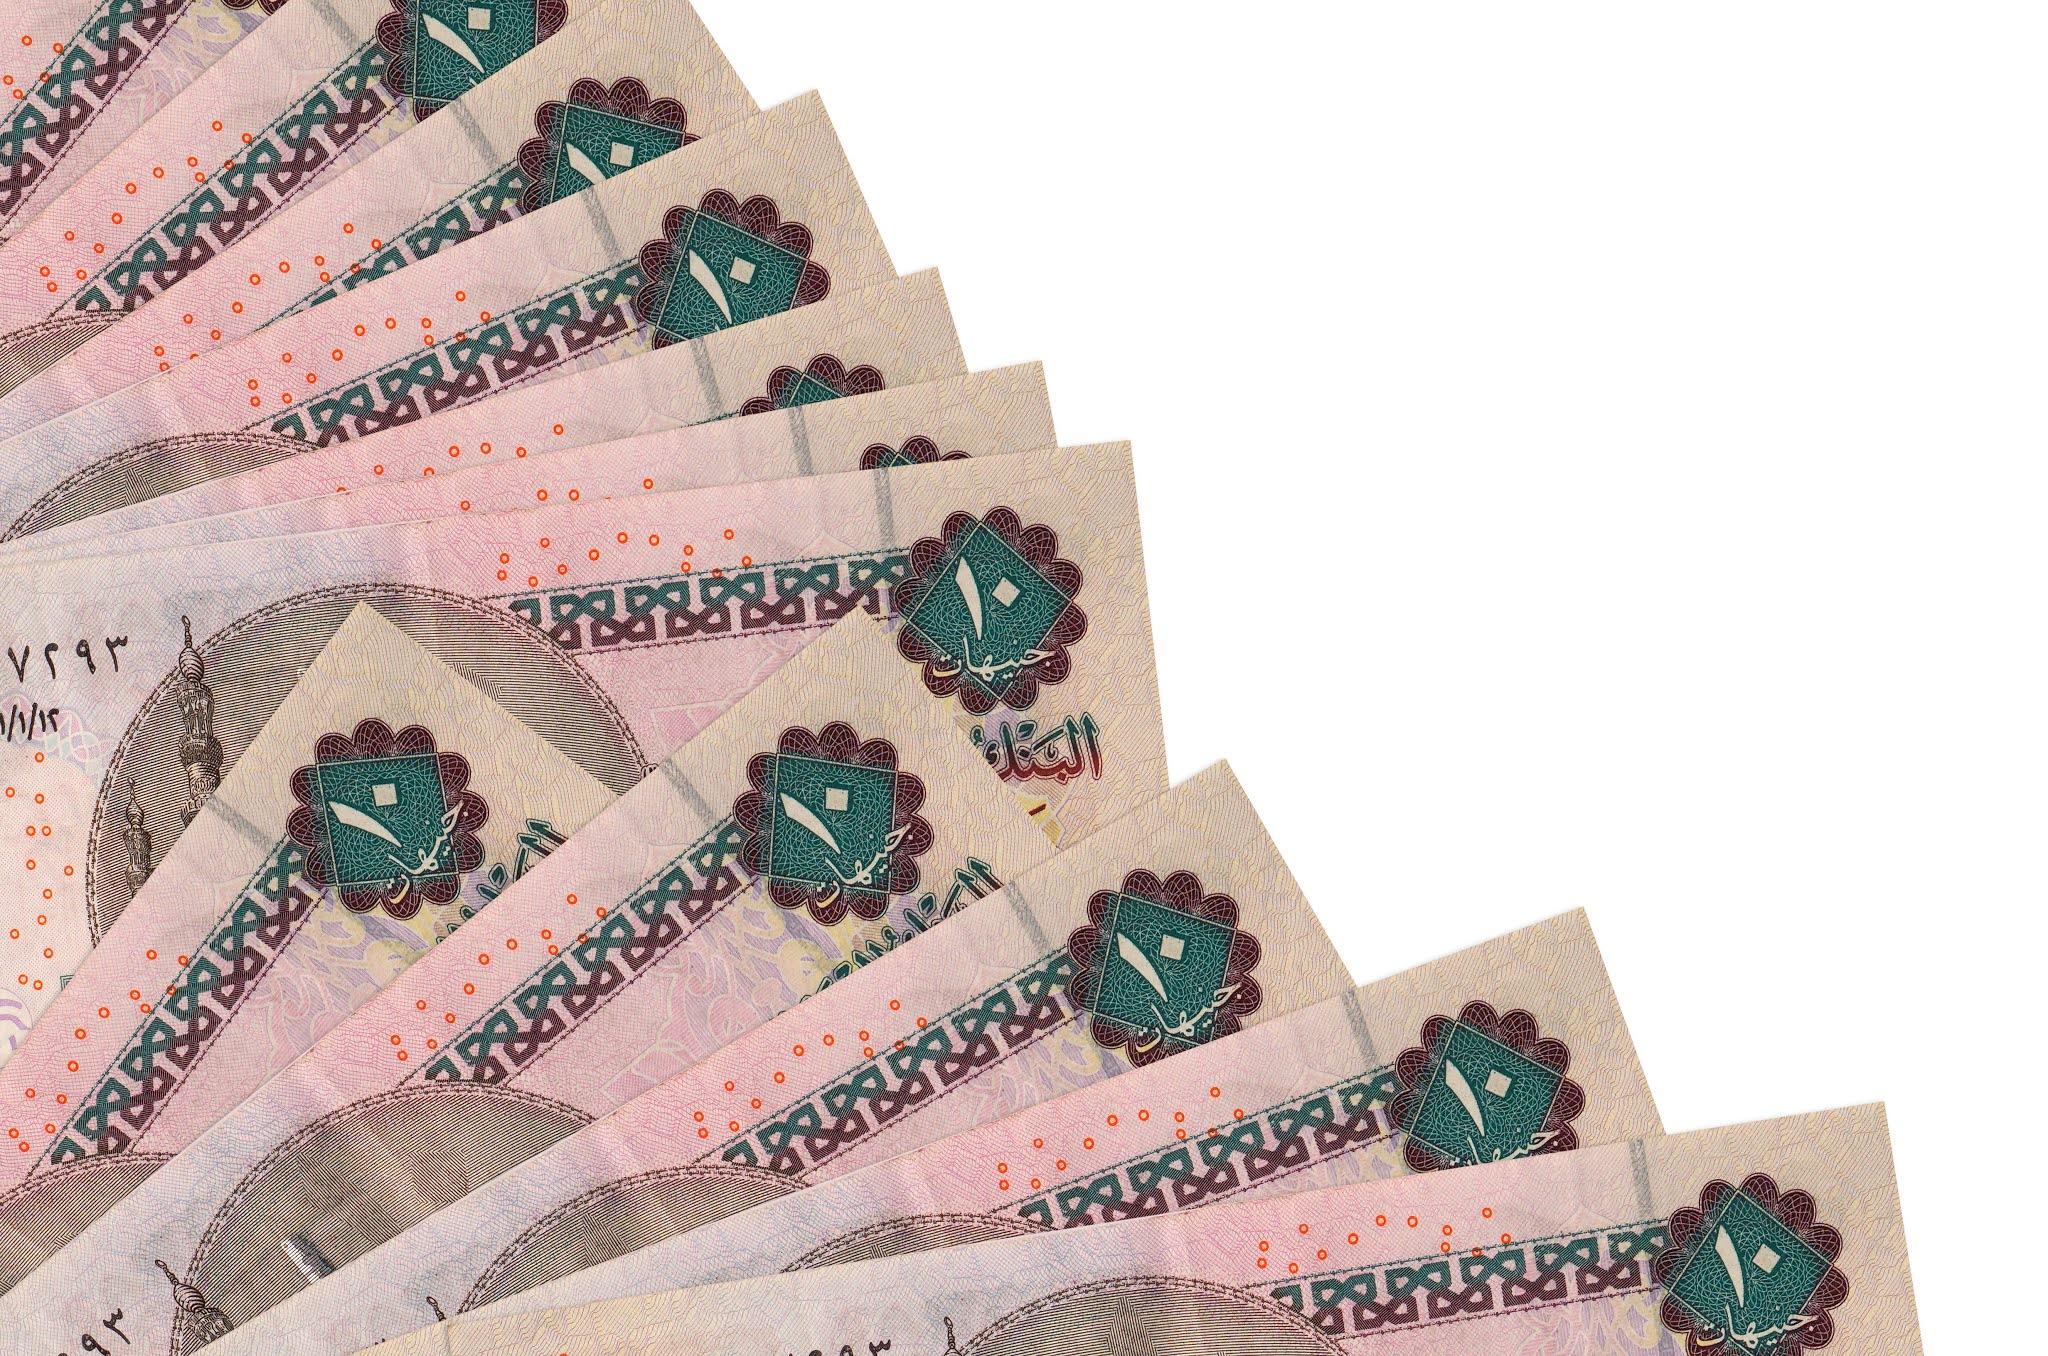 بنك مصر: المركز المالى تخطى حاجز تريليون جنيه لعام 2019 - 2020